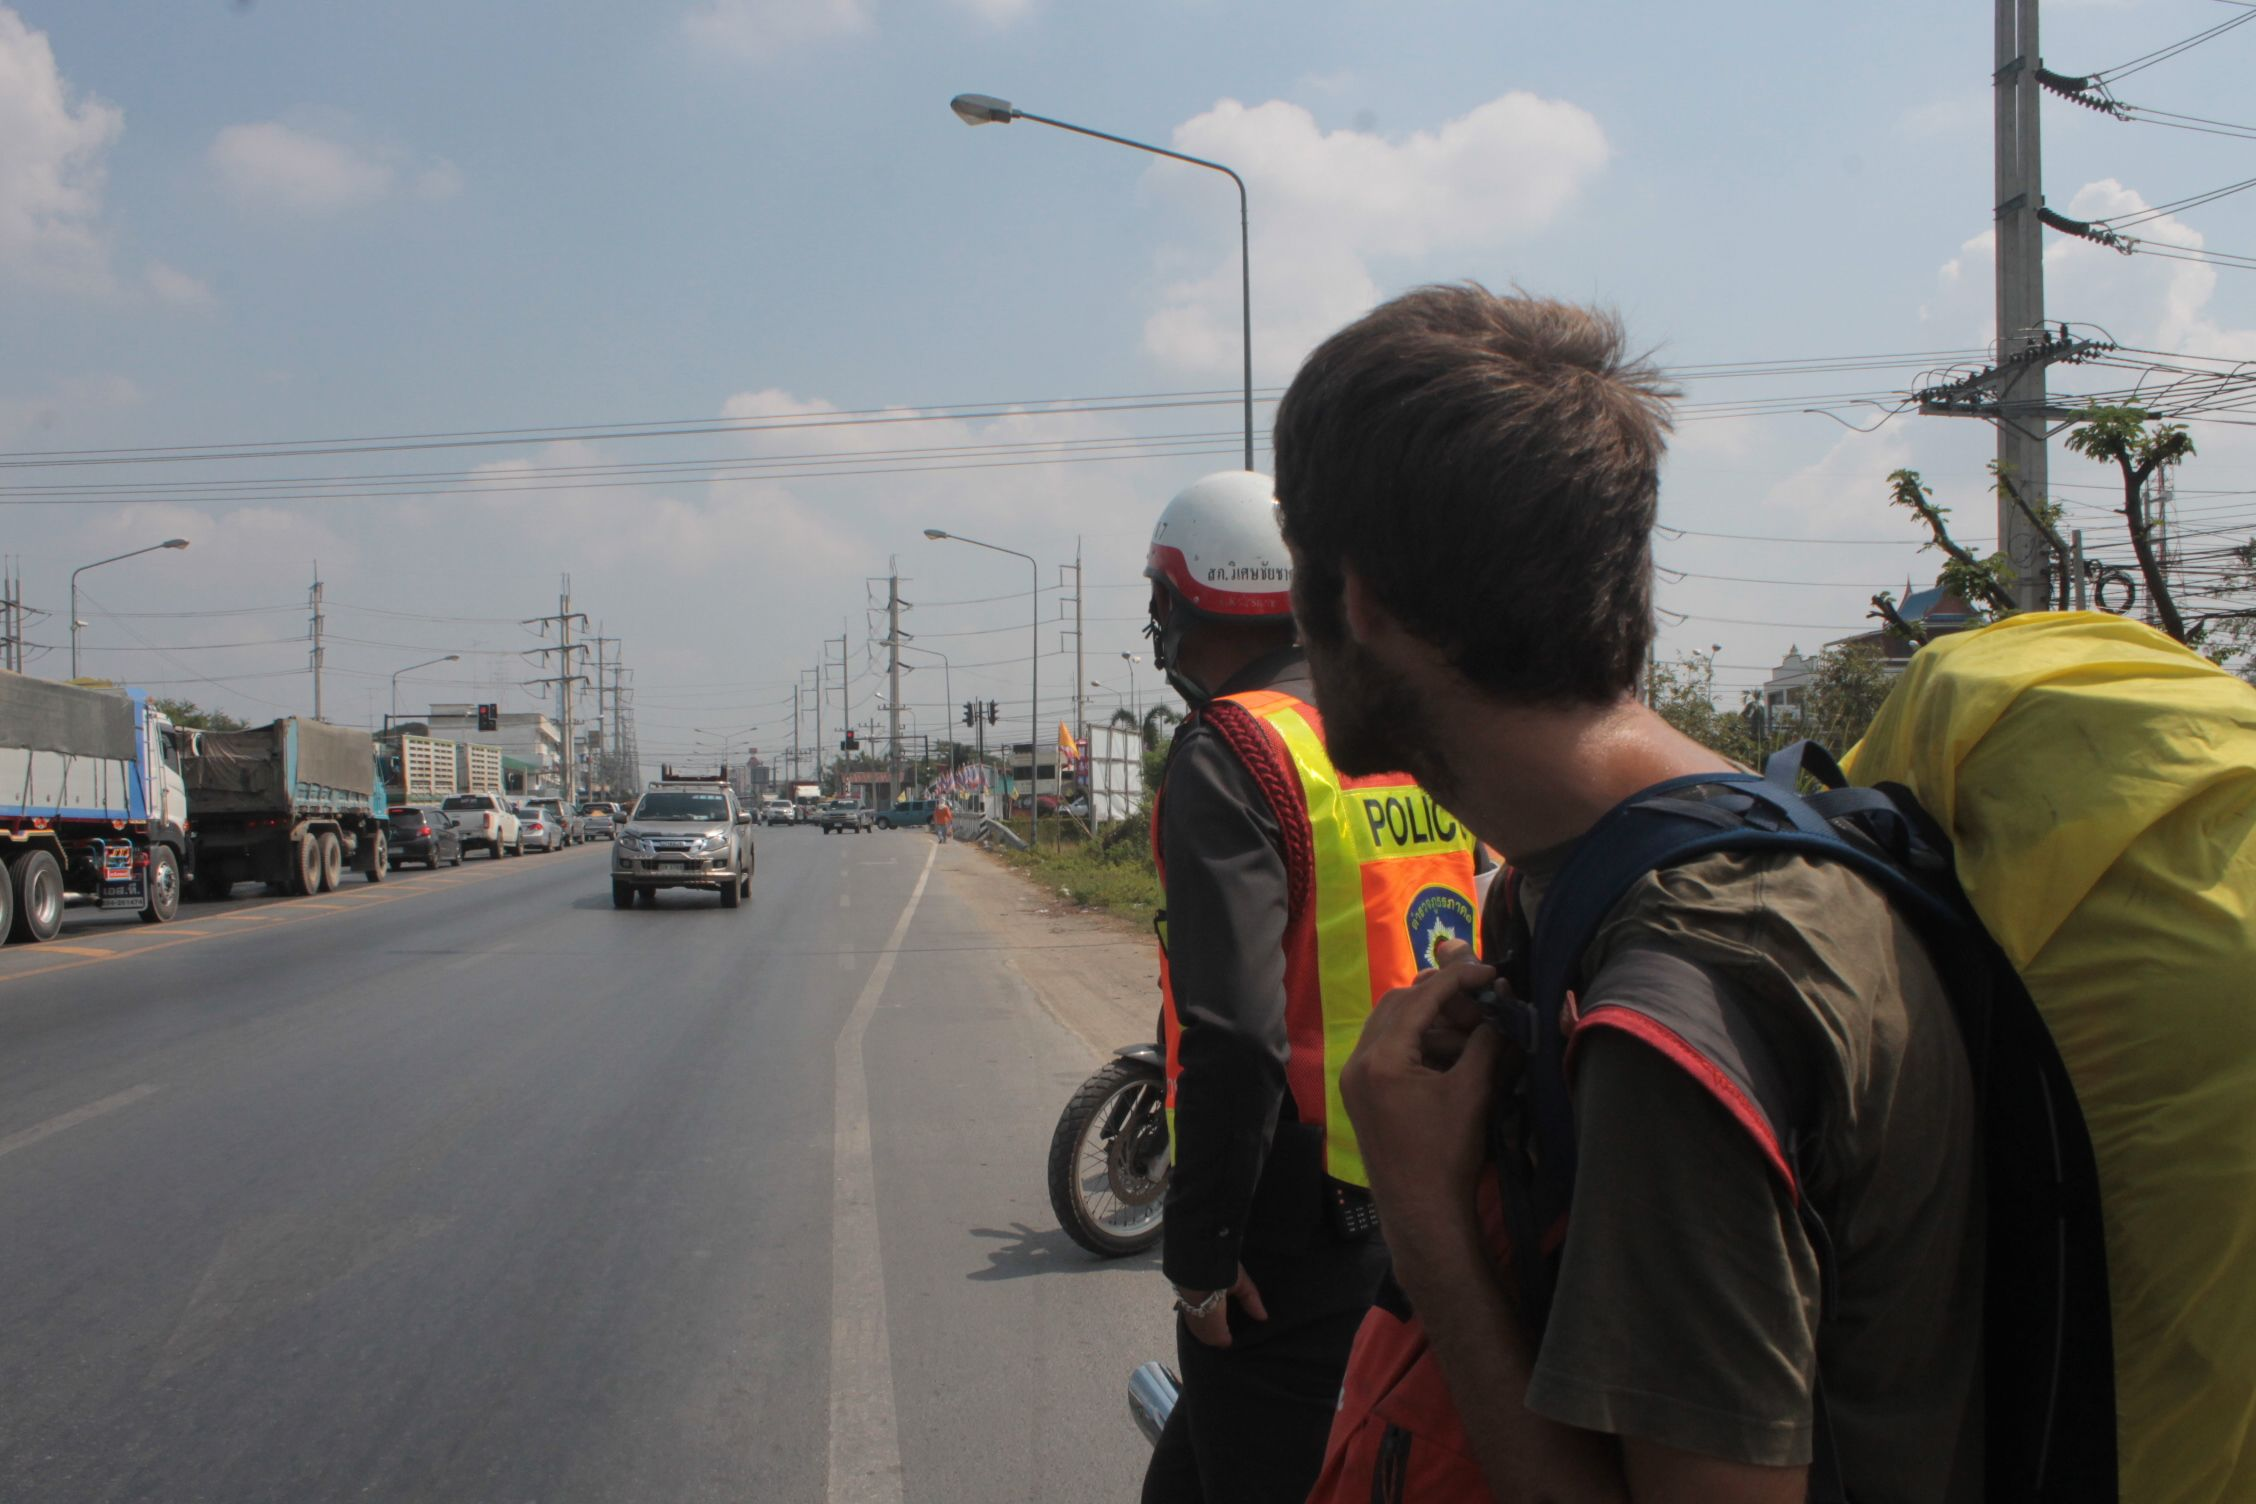 Haciendo autoestop cpn la policia tailandesa